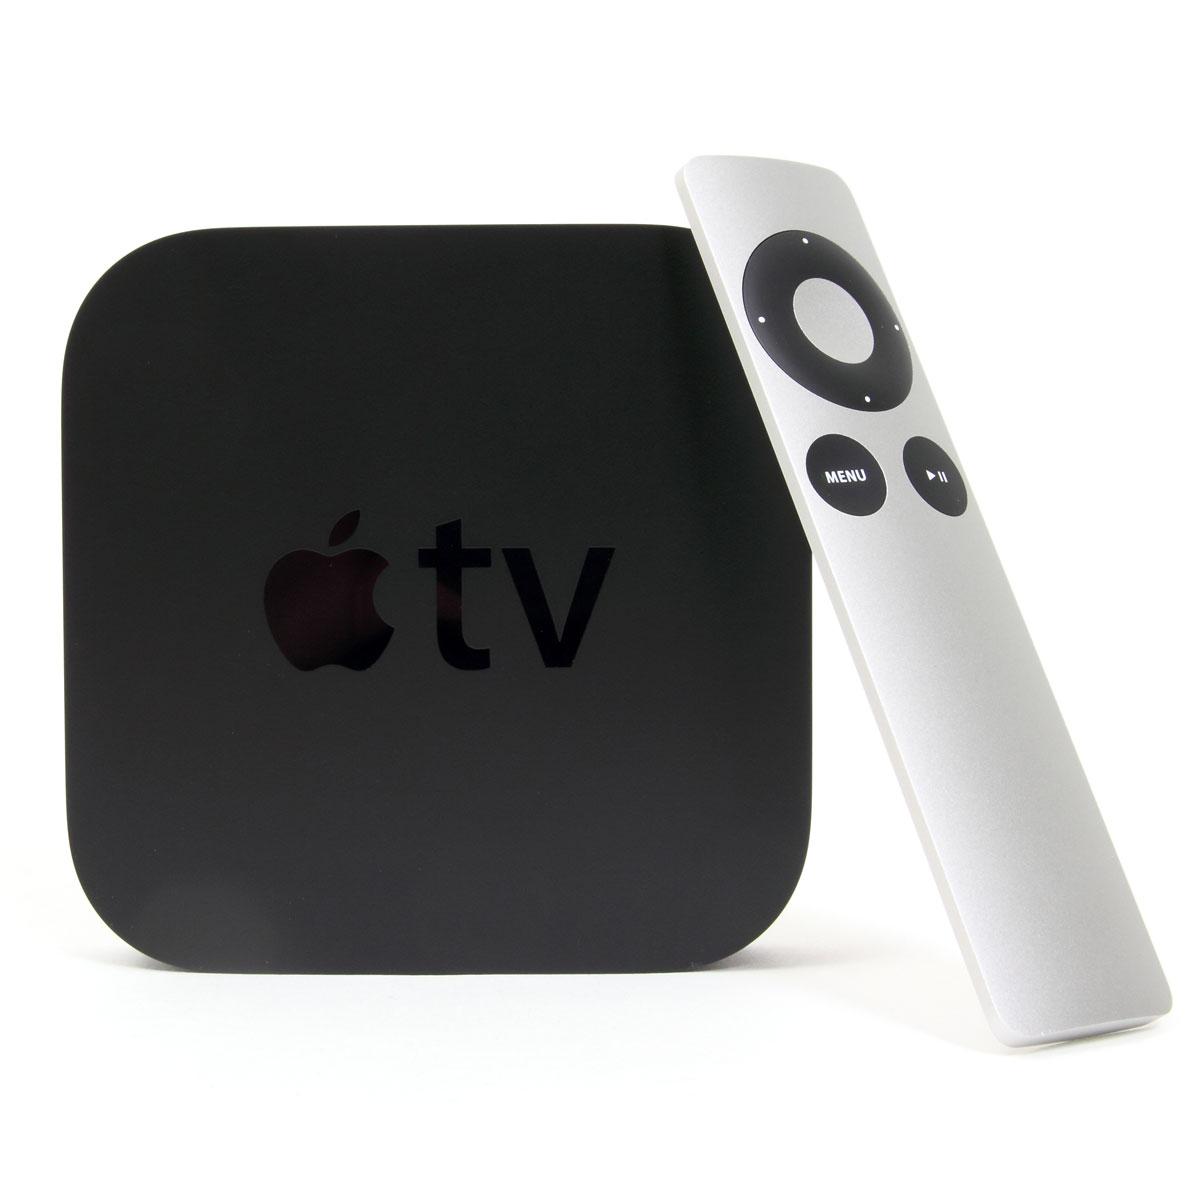 Lecteur multimédia Apple TV 3 (MD199FD/A) Lecteur multimédia Haute Définition avec Airplay